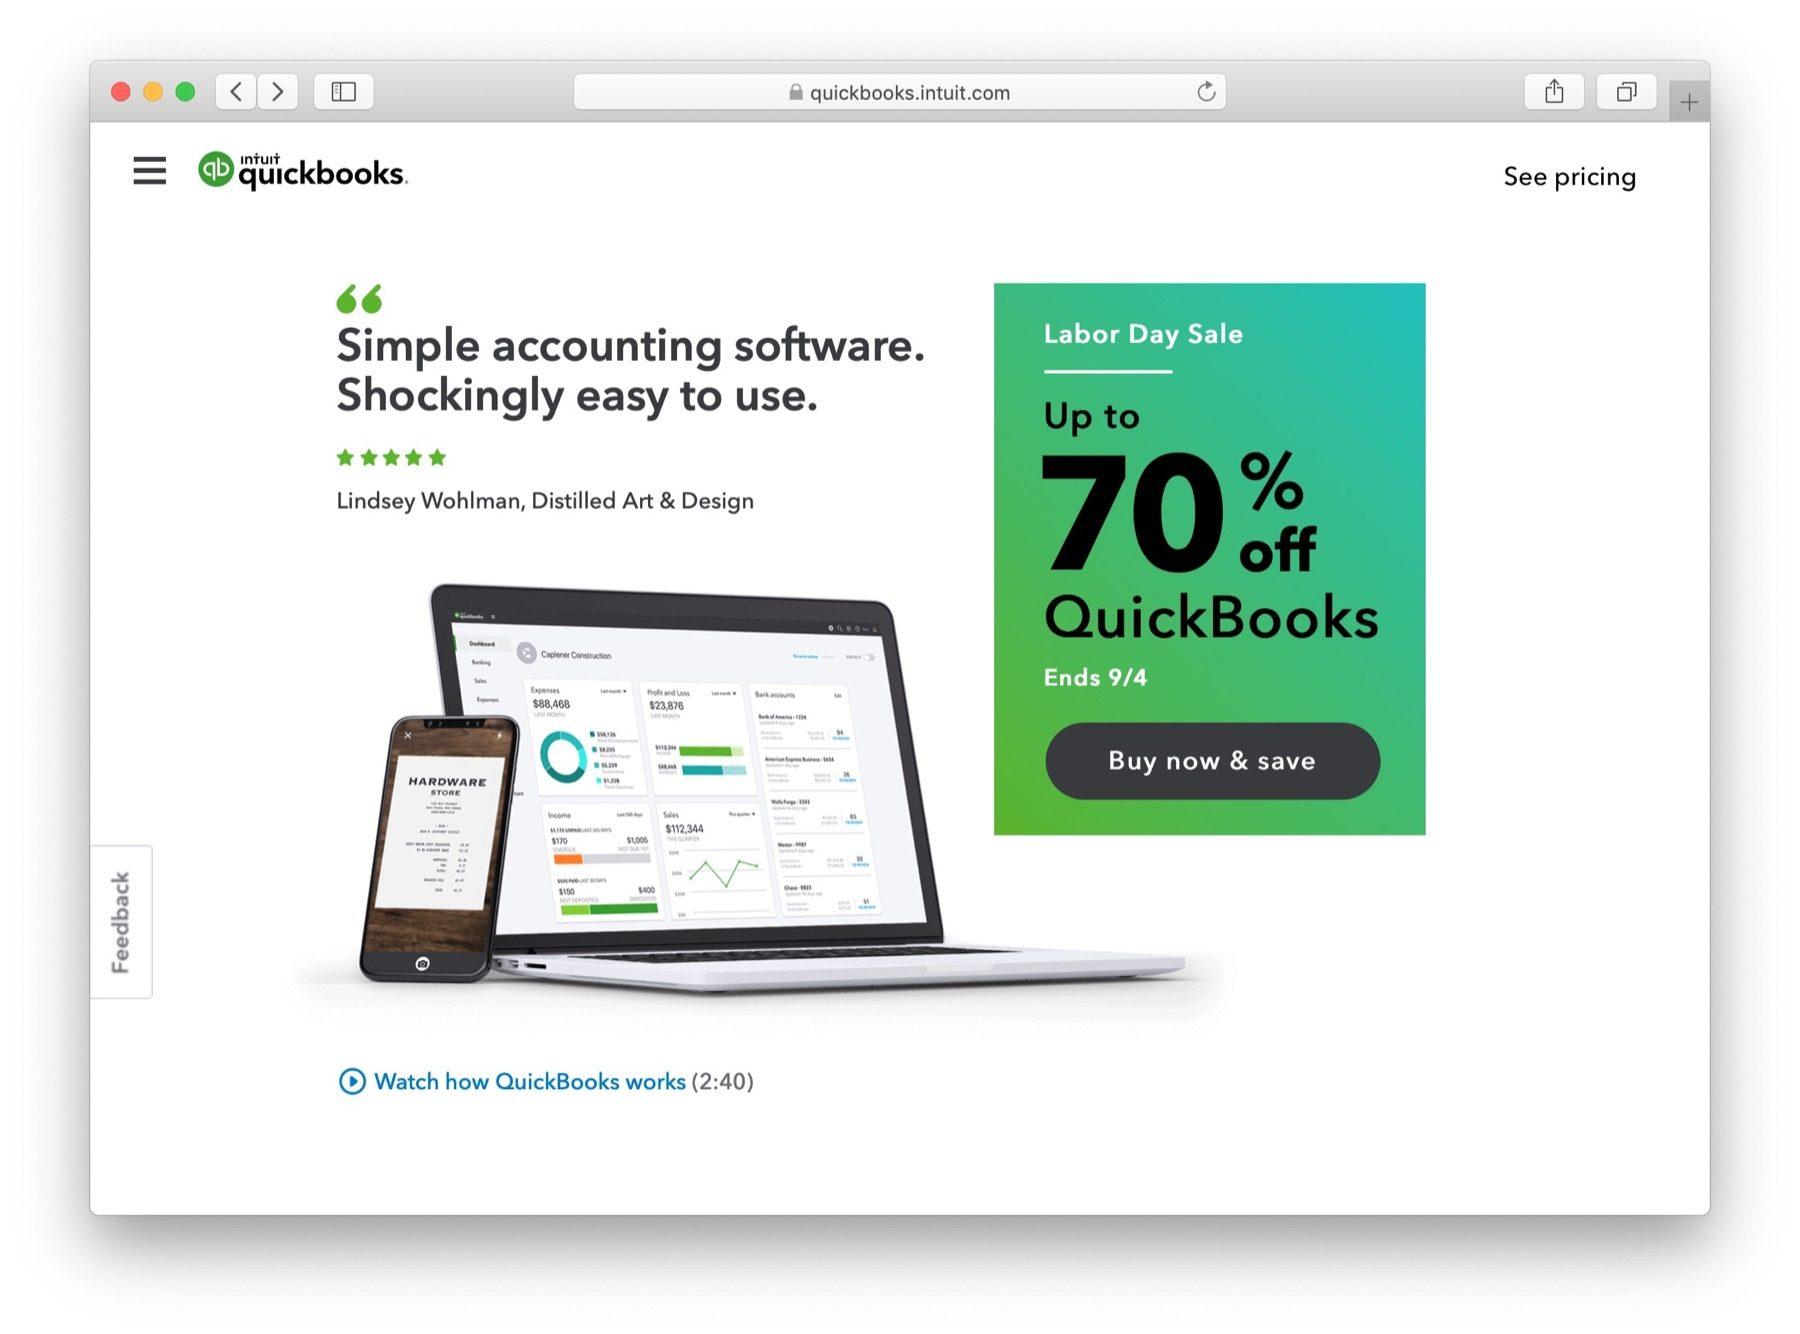 quickbooks  - 适用于小型企业的最佳会计软件